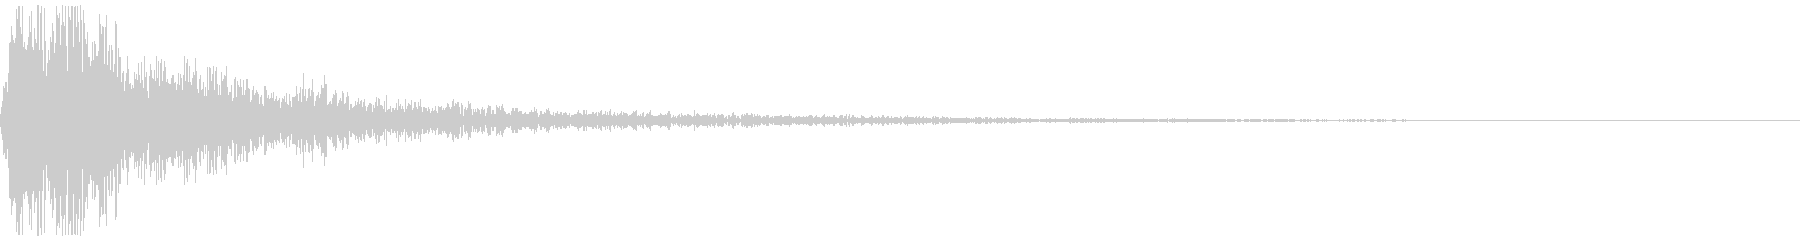 【シネマティック 】 衝撃音_109の未再生の波形